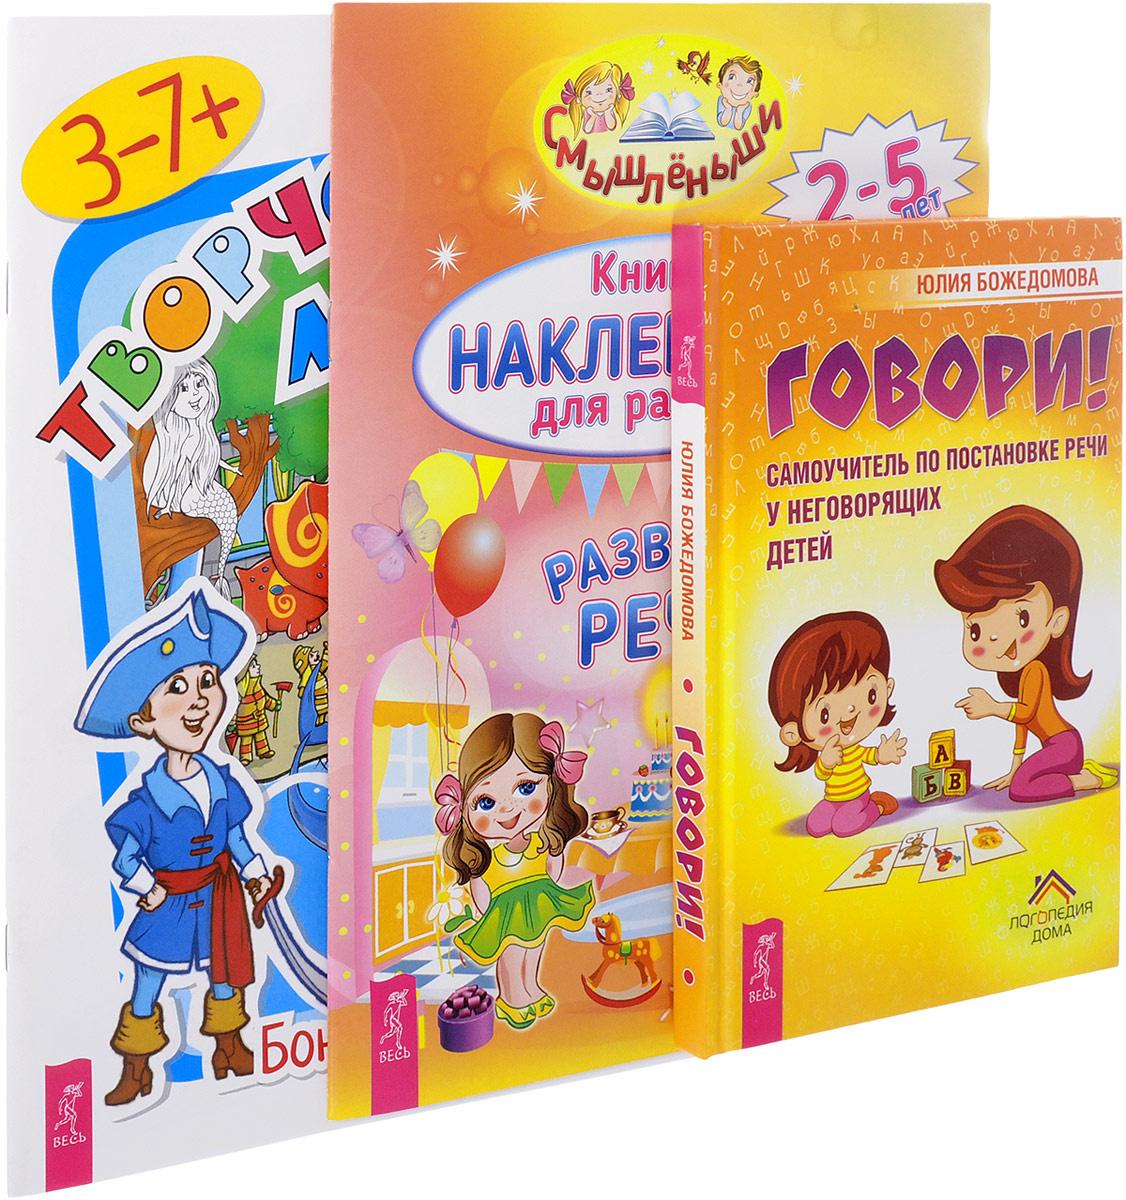 Говори. Развитие речи. Творческая логика (комплект из 3 книг + наклейки) | Божедомова Юлия  #1